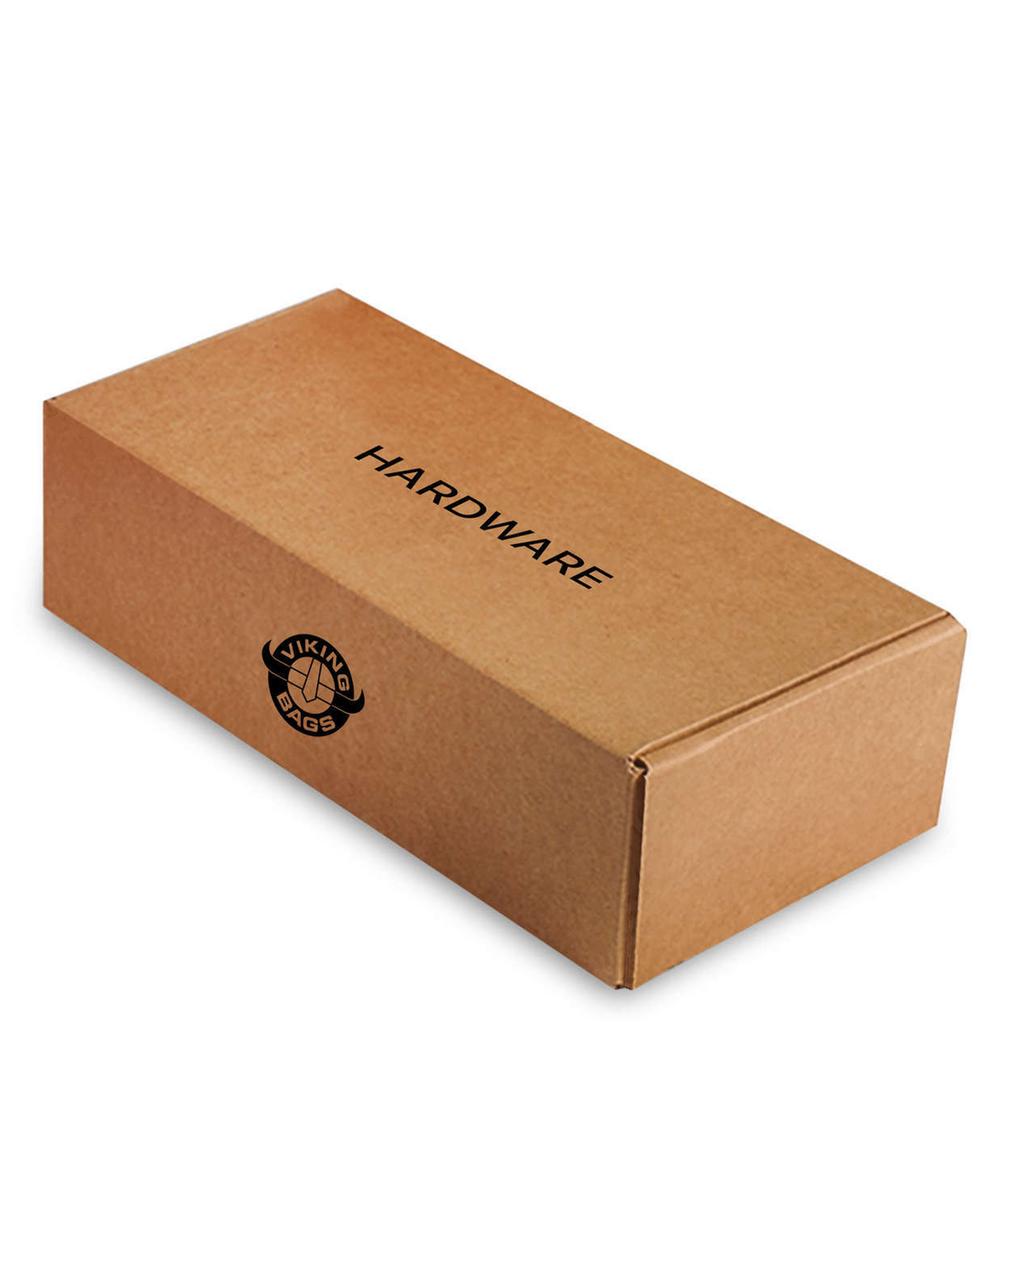 Indian Scout Slant Studded Medium Motorcycle Saddlebags Hardware Box